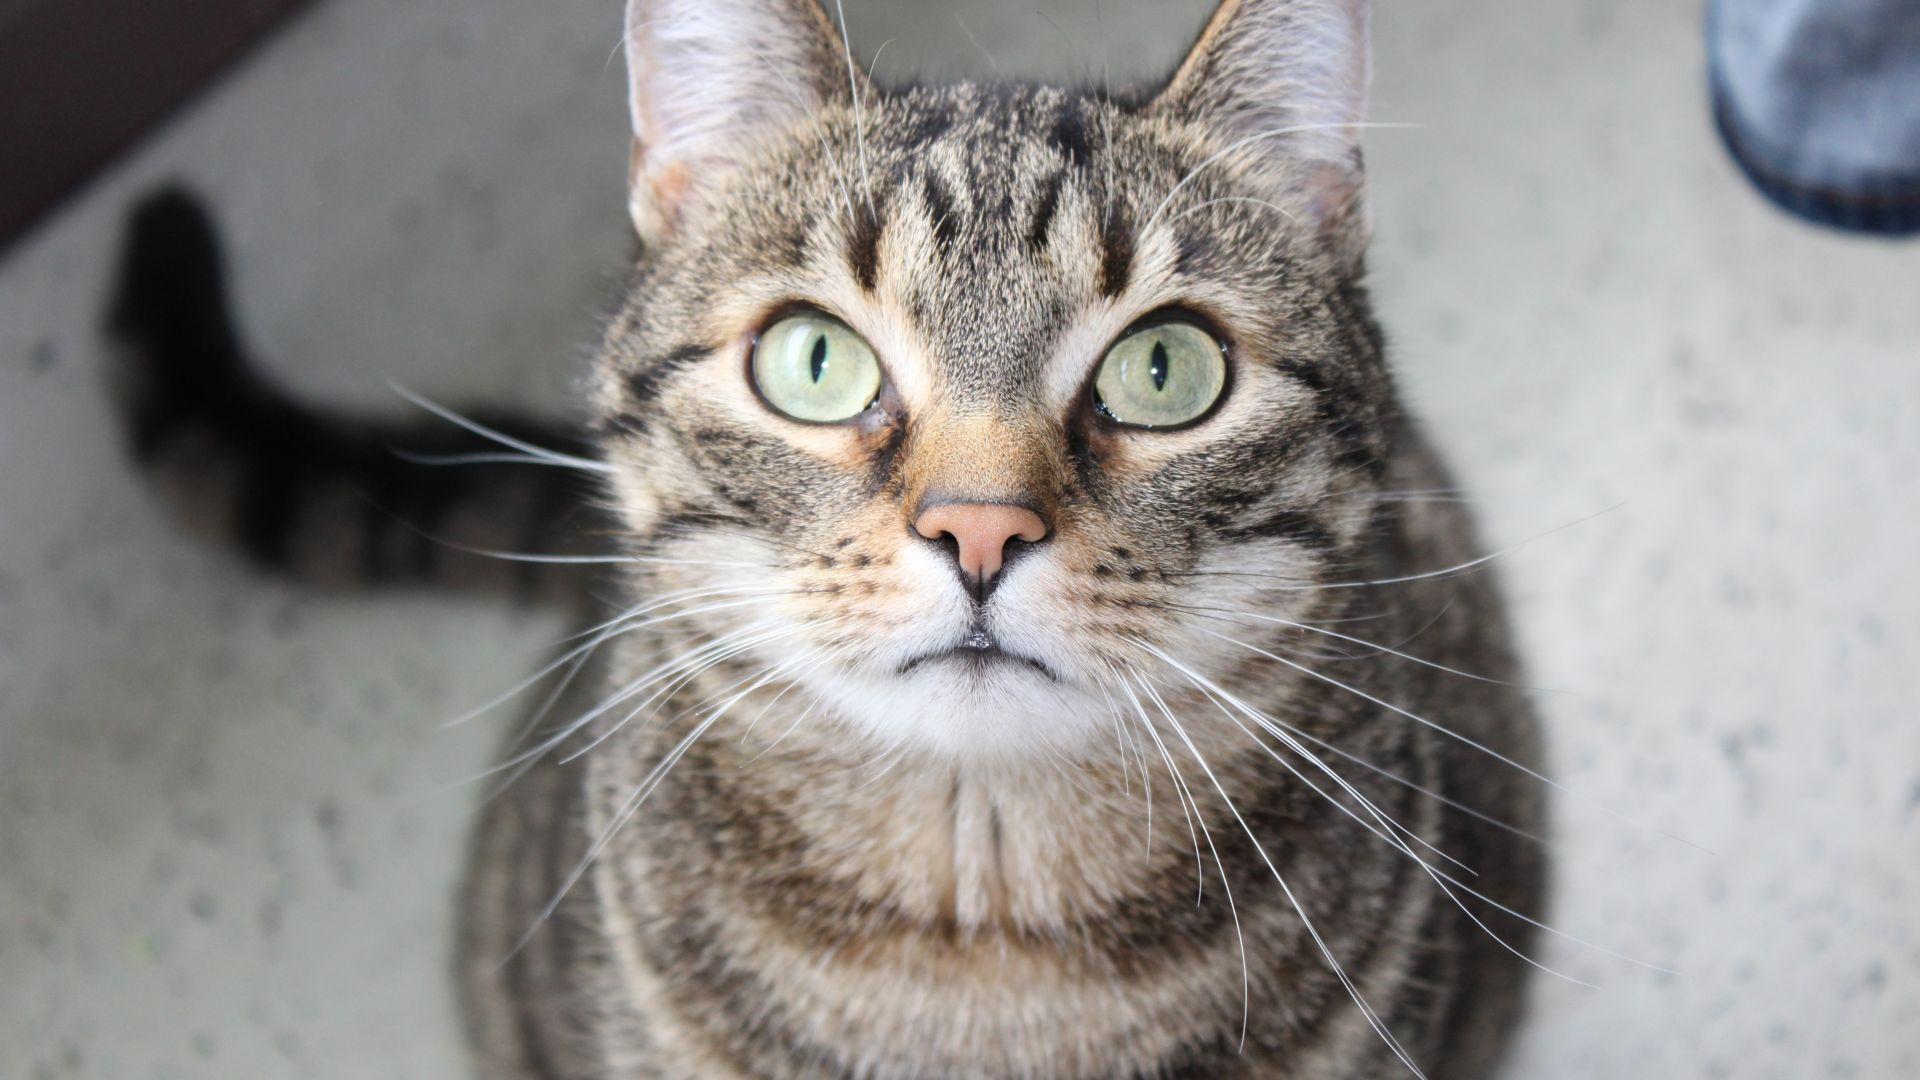 Wallpaper Curious cat, stare, pet animal